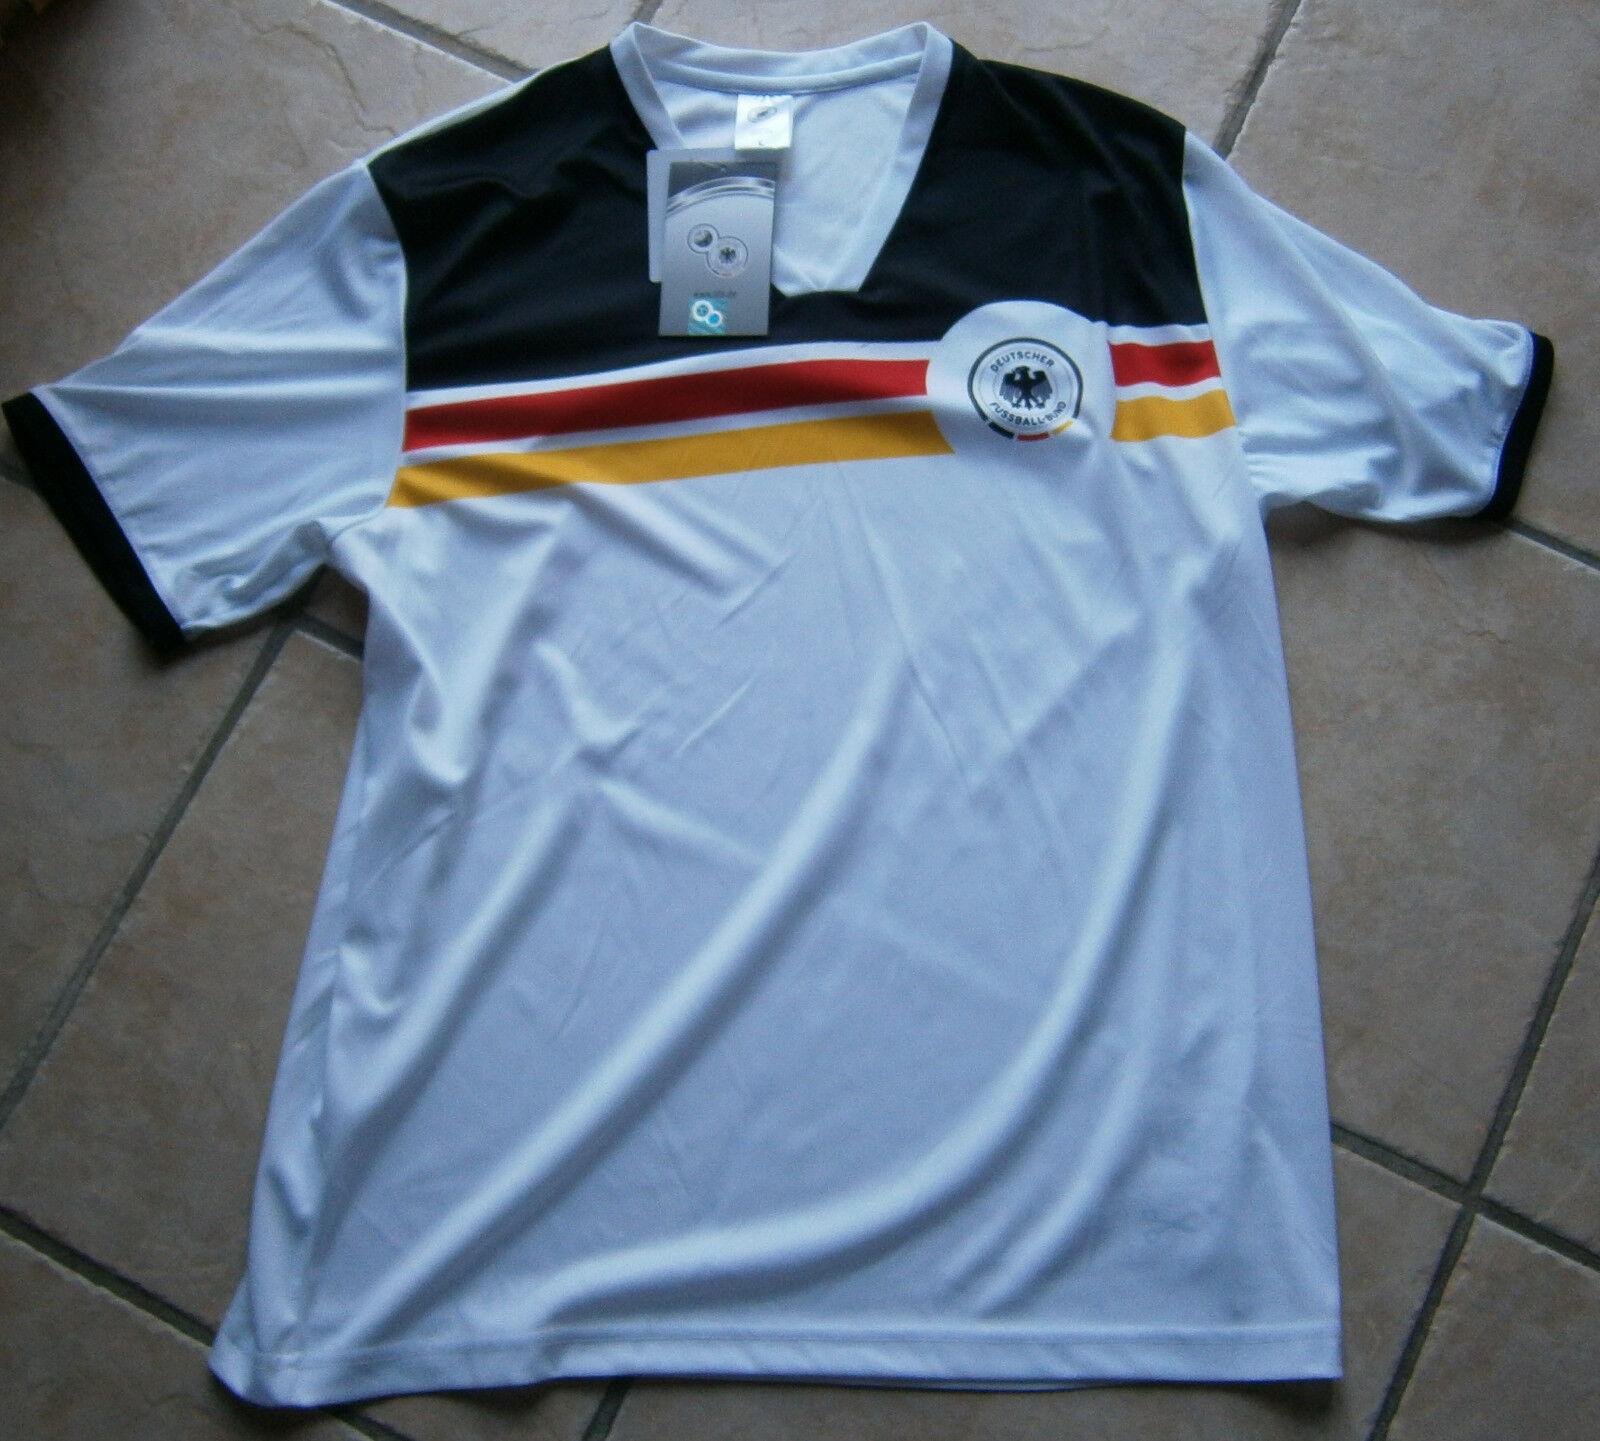 DFB DFB DFB Lizenz Trikot, Gr. L, NEU, OVP e15780